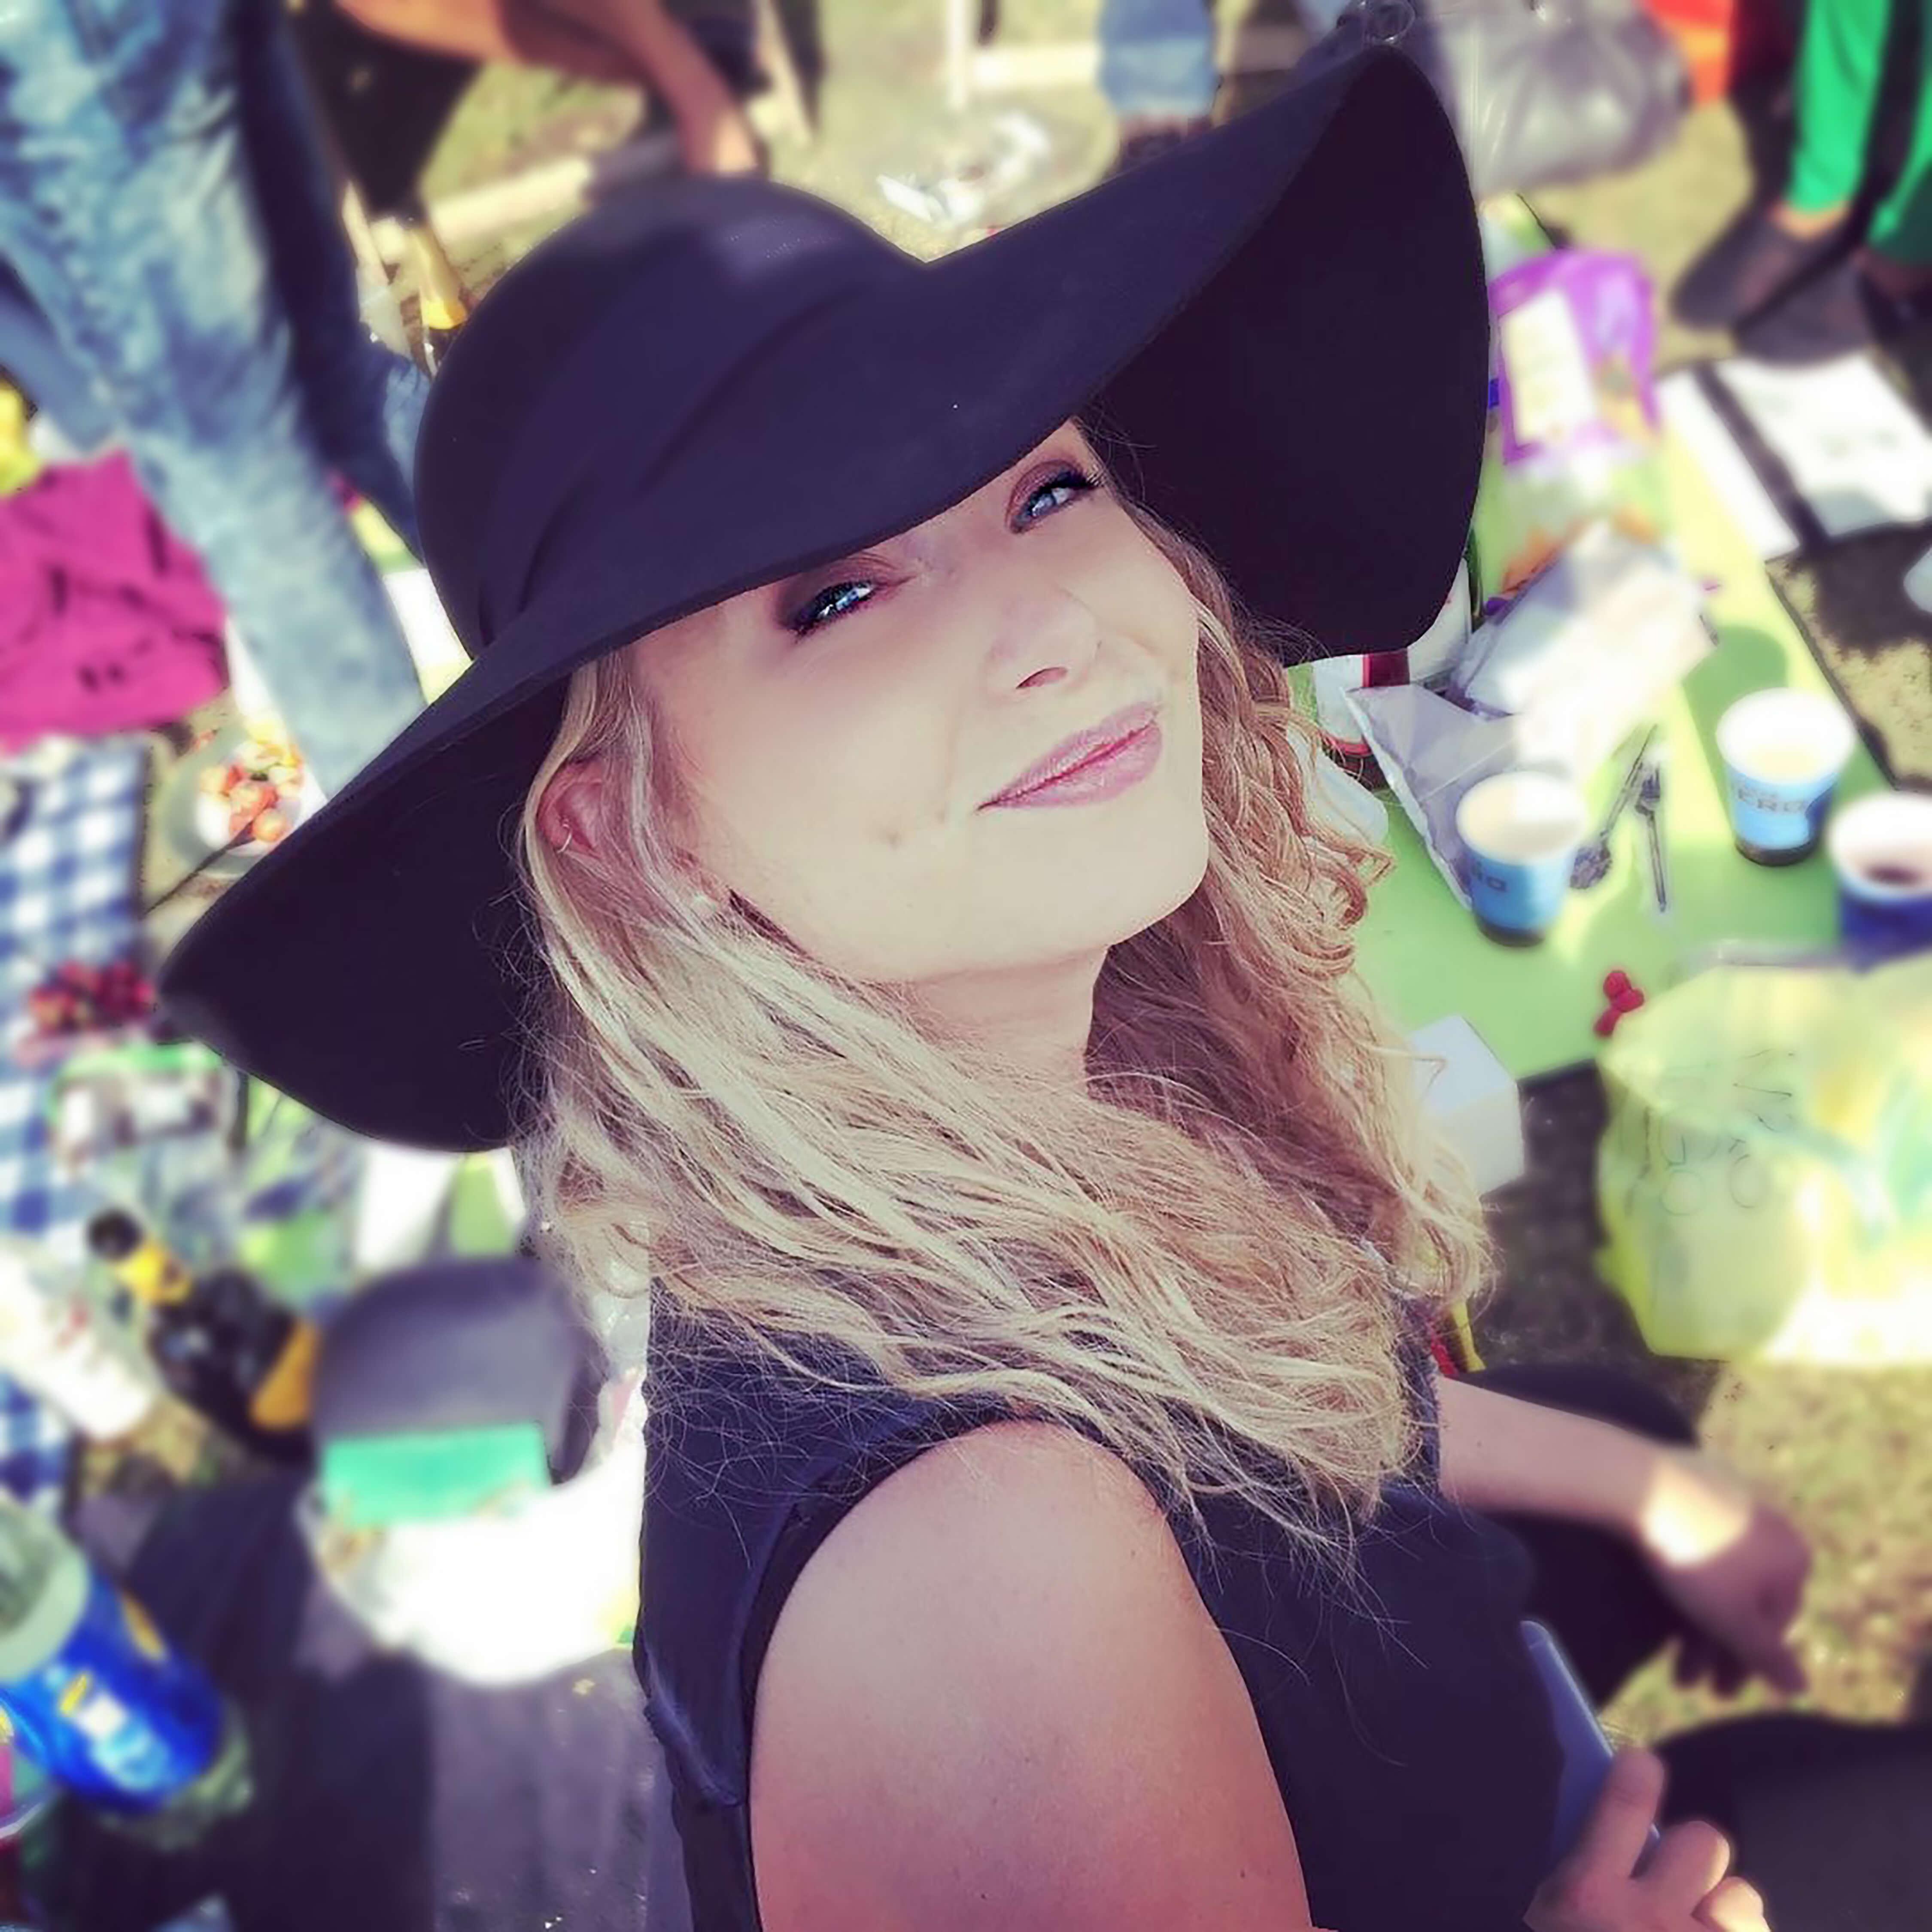 Chloe Johns